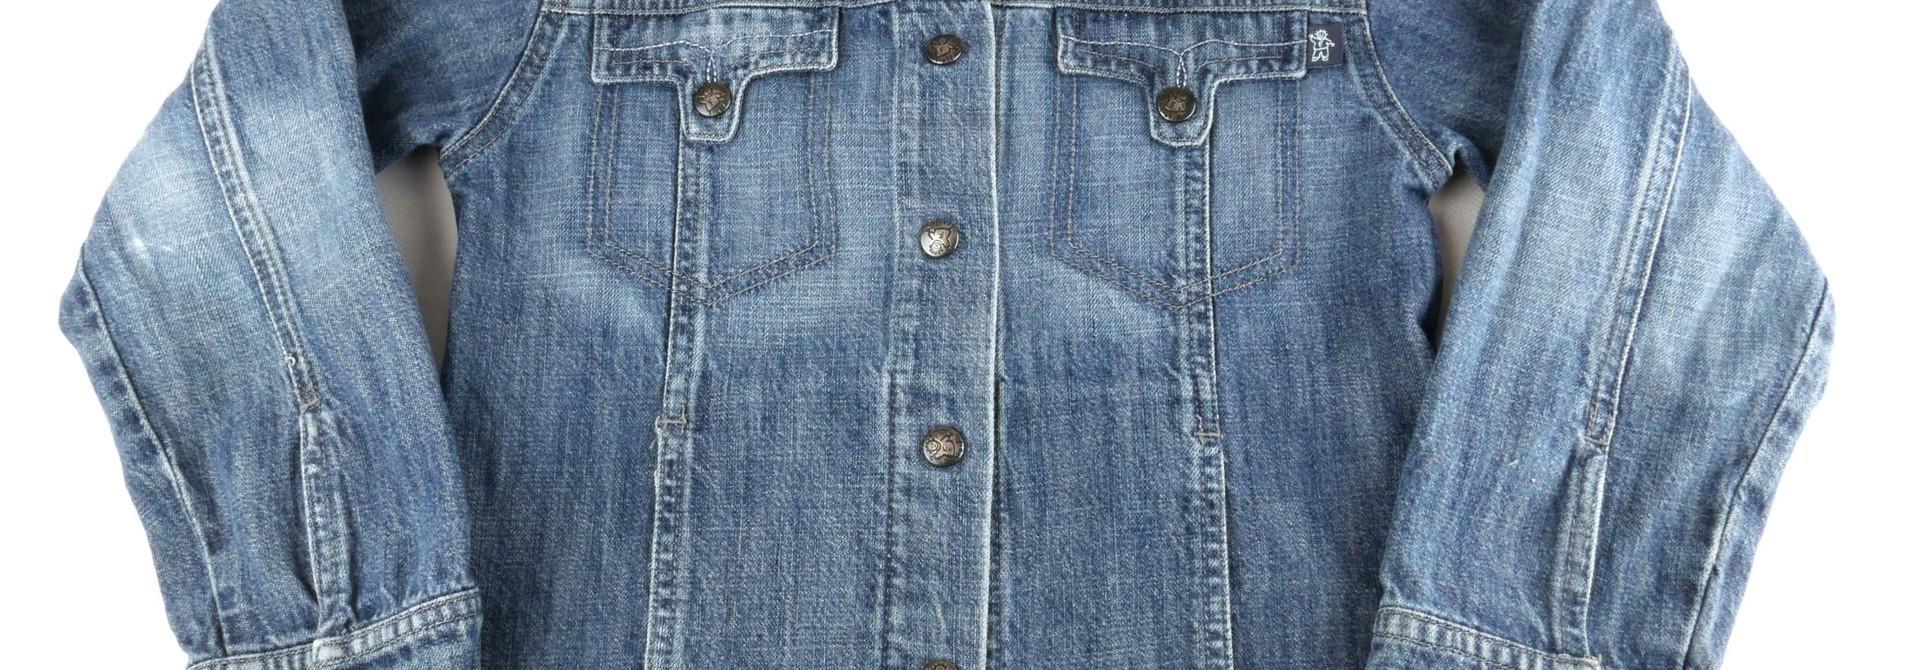 Jeans vest Filou & Friends